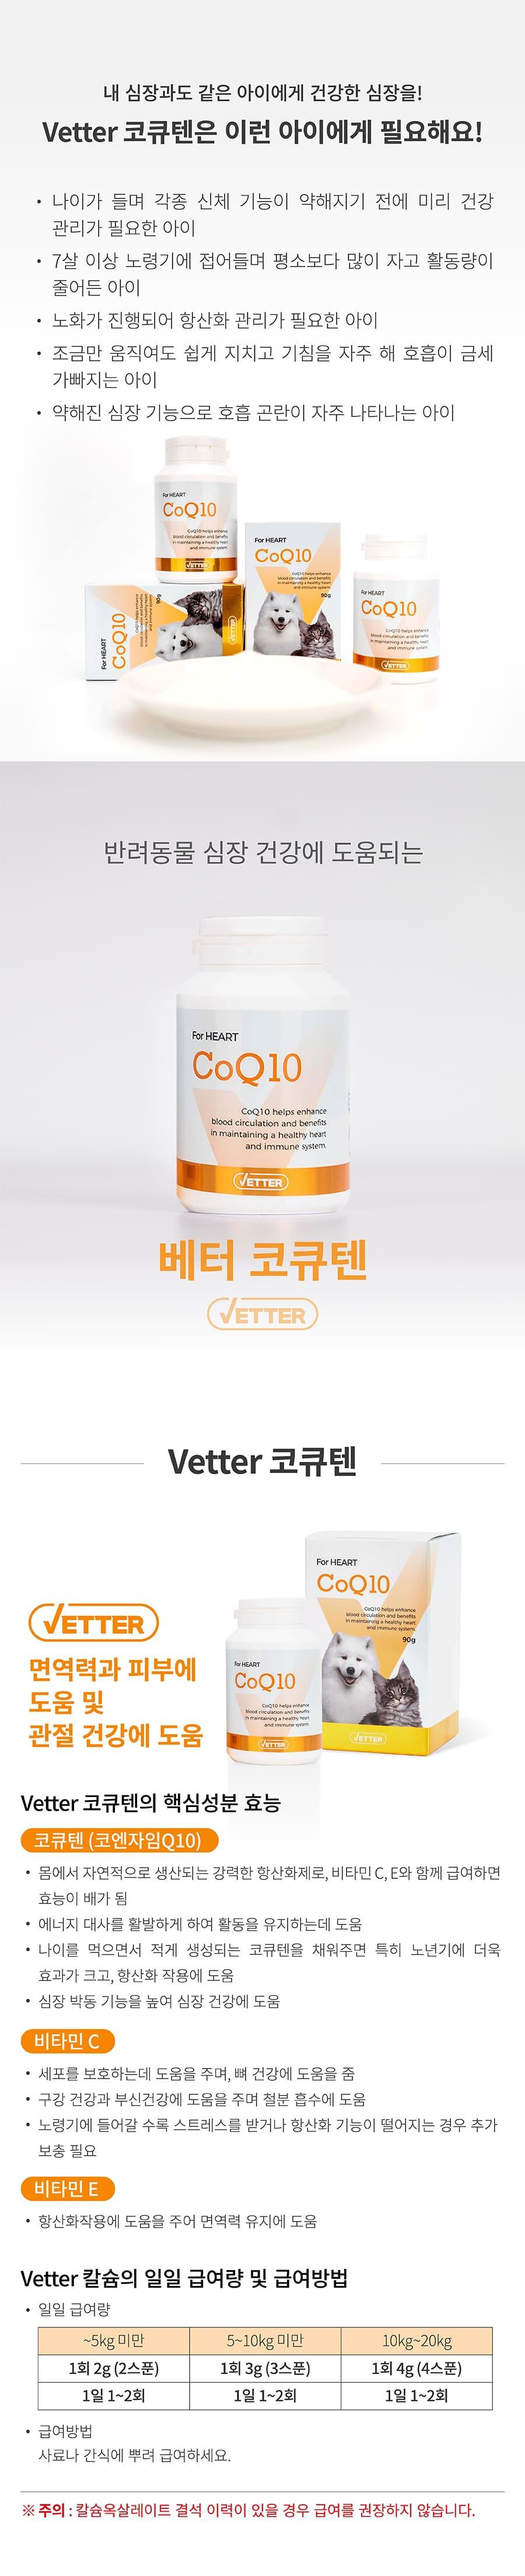 Vetter 댕냥이 영양 파우더 11종 (관절/피부/안정/눈/장/소화)-상품이미지-18